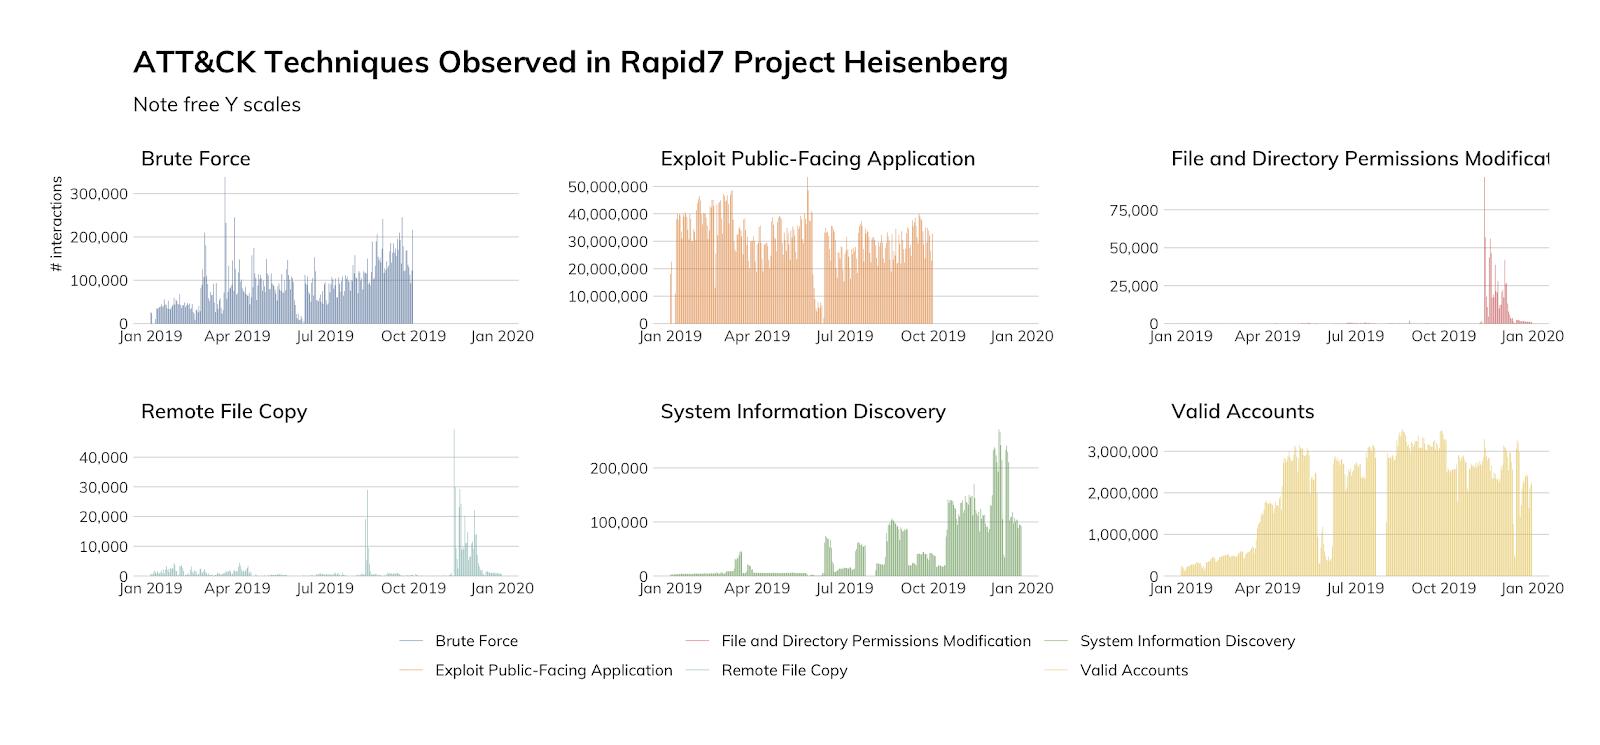 図10: Rapid7 Project Heisenbergで確認されたATT&CKテクニック